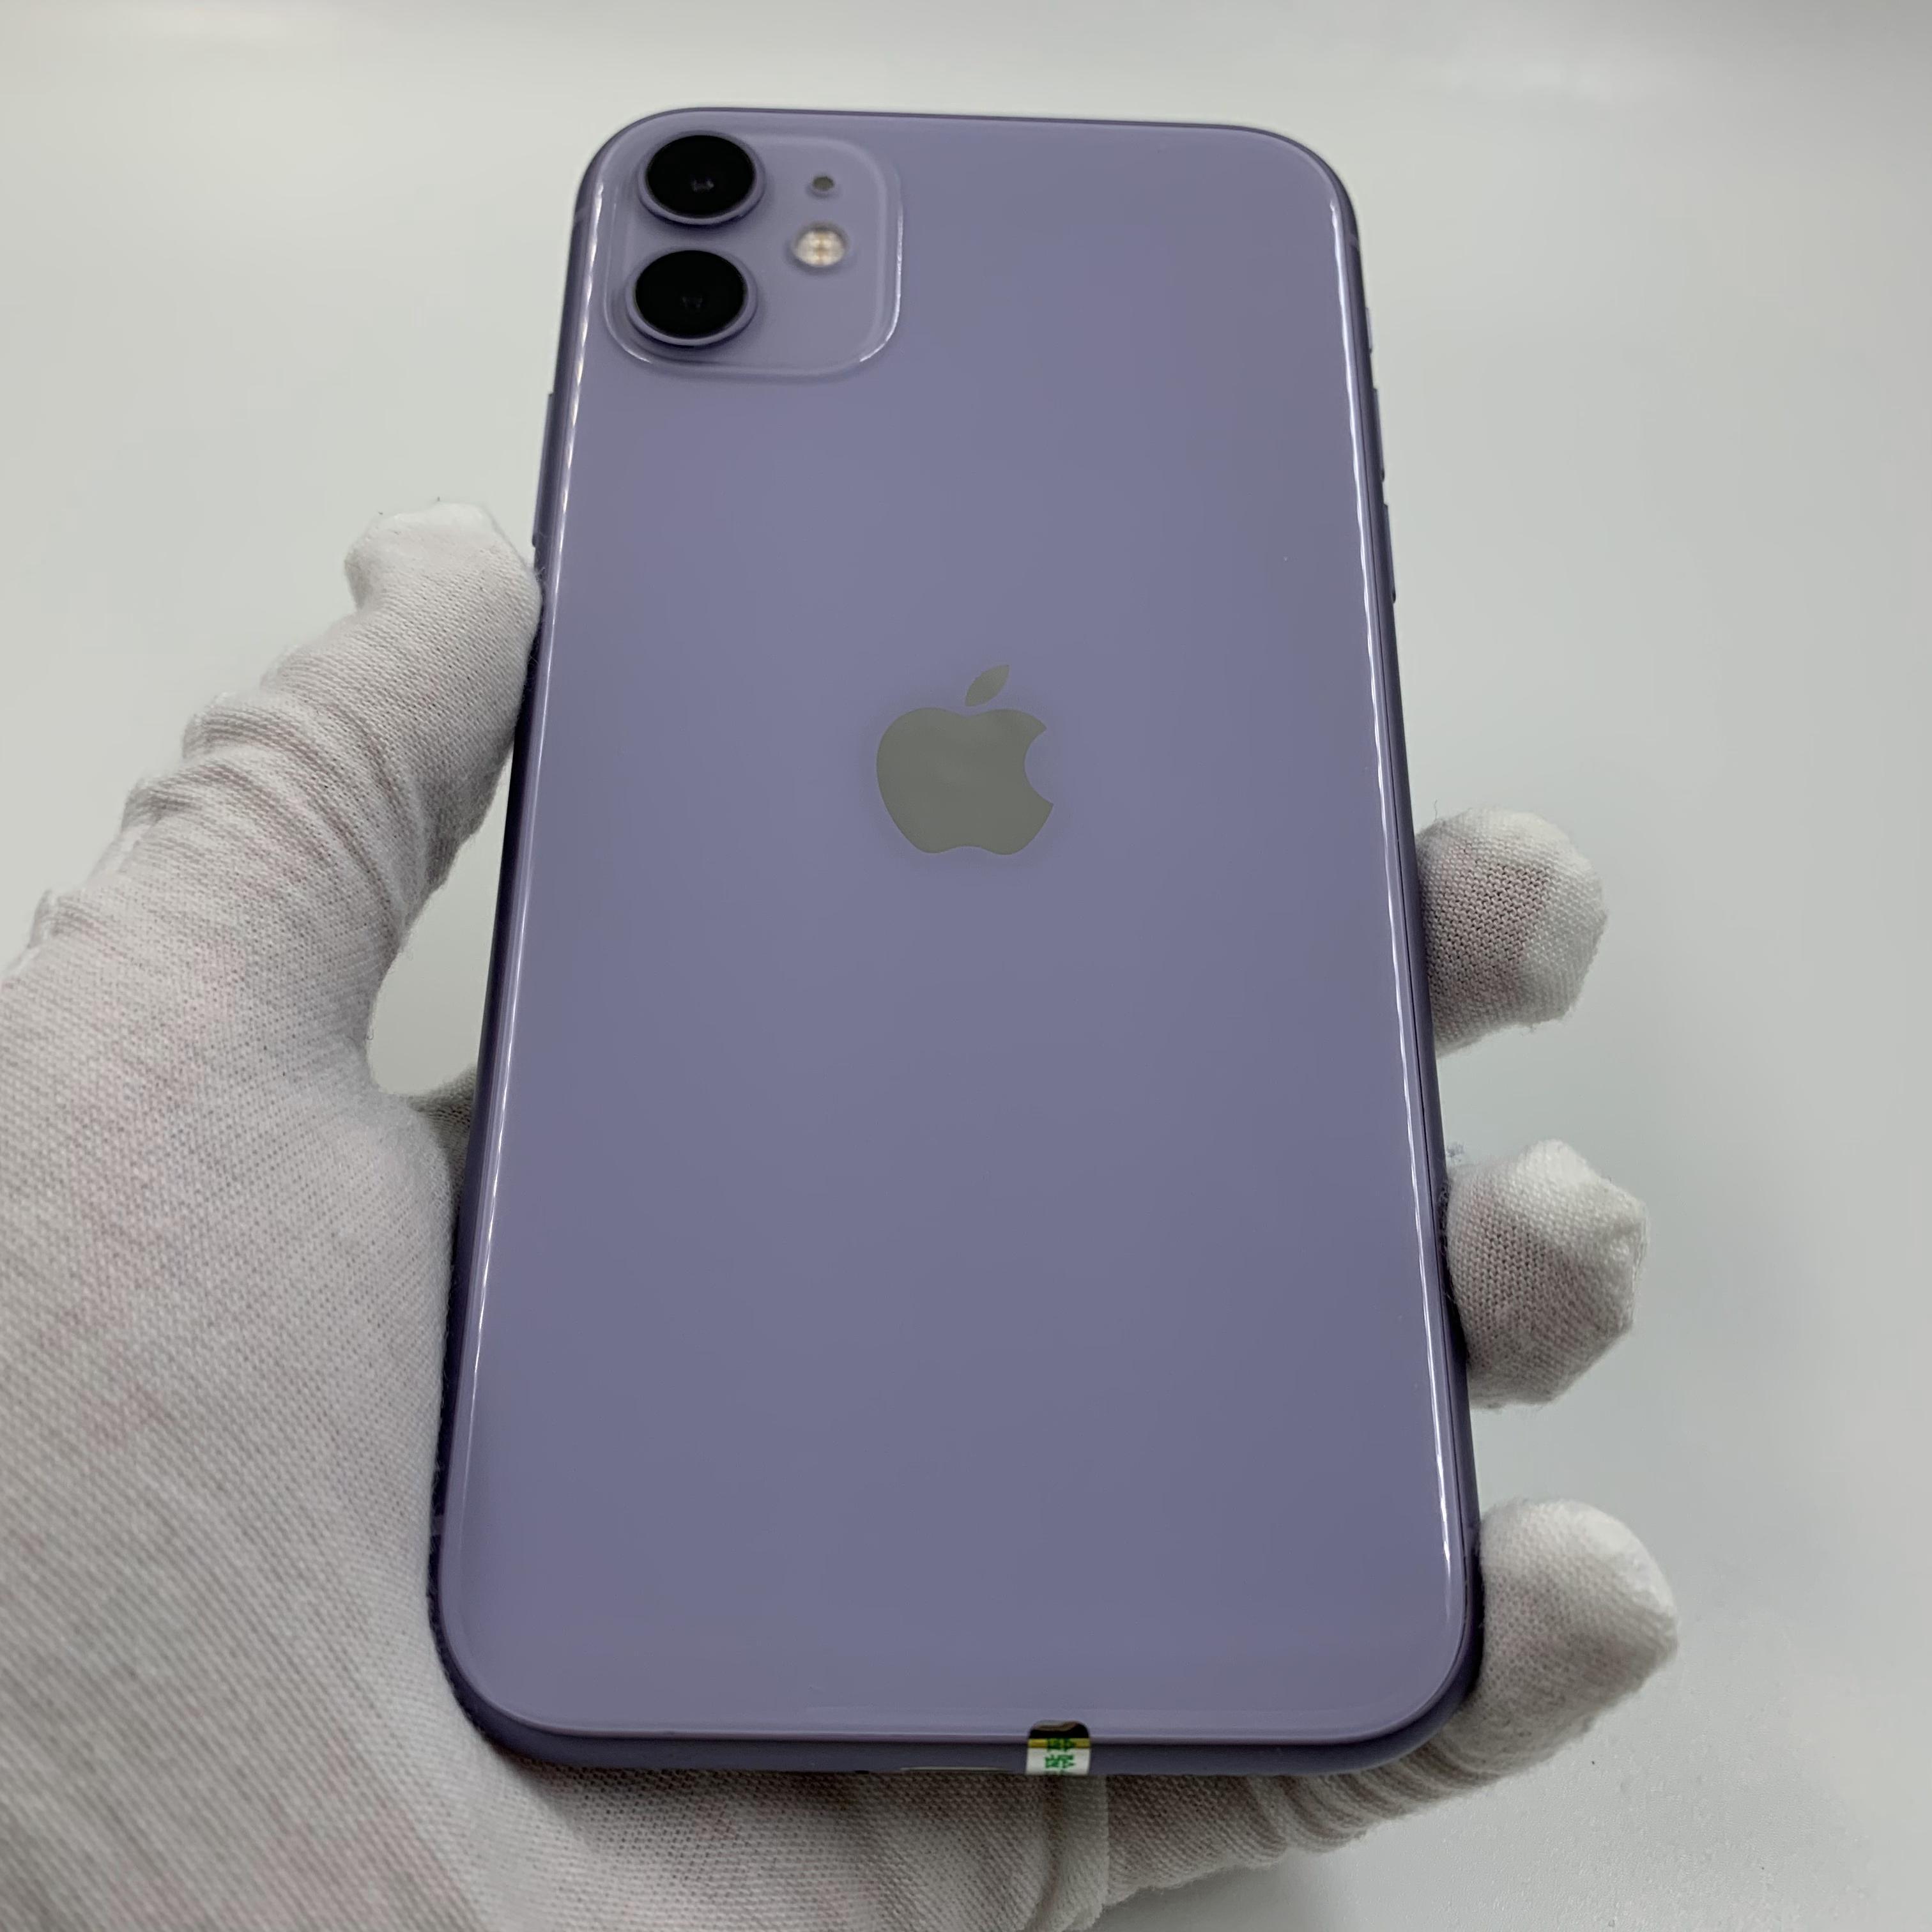 苹果【iPhone 11】4G全网通 紫色 128G 国行 95新 真机实拍官保2022-01-06